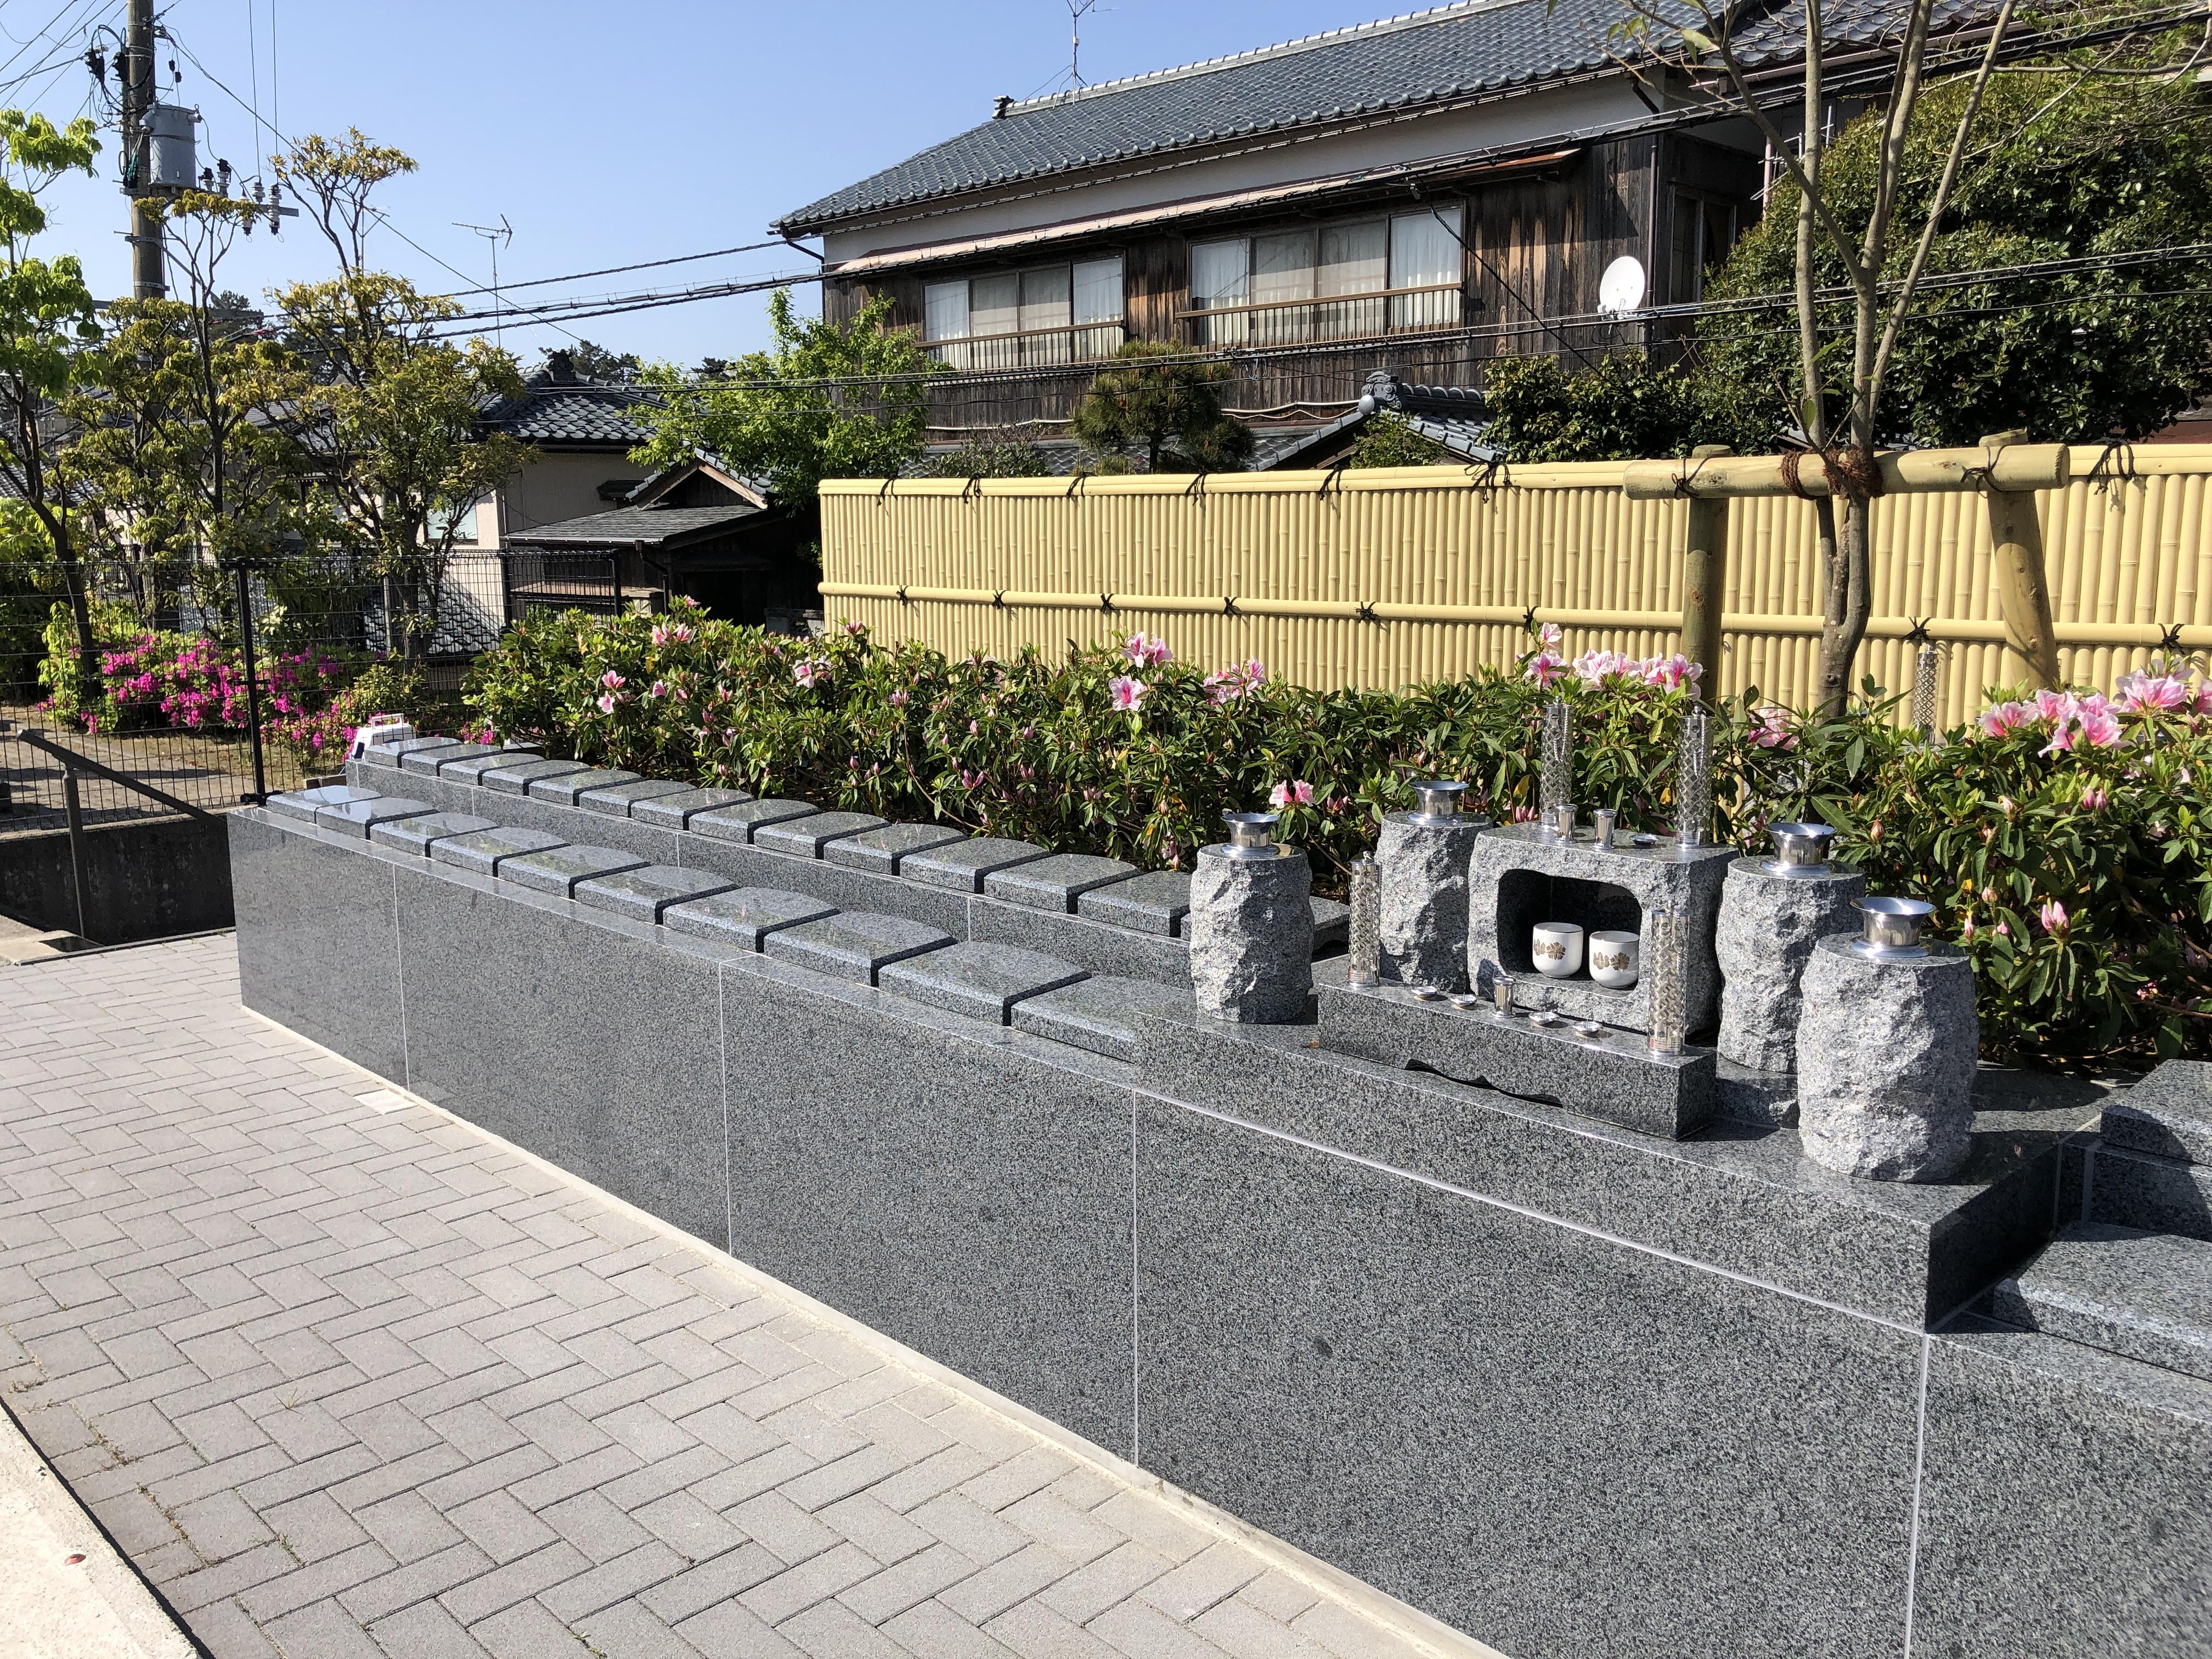 永樹墓(個別型埋葬墓)